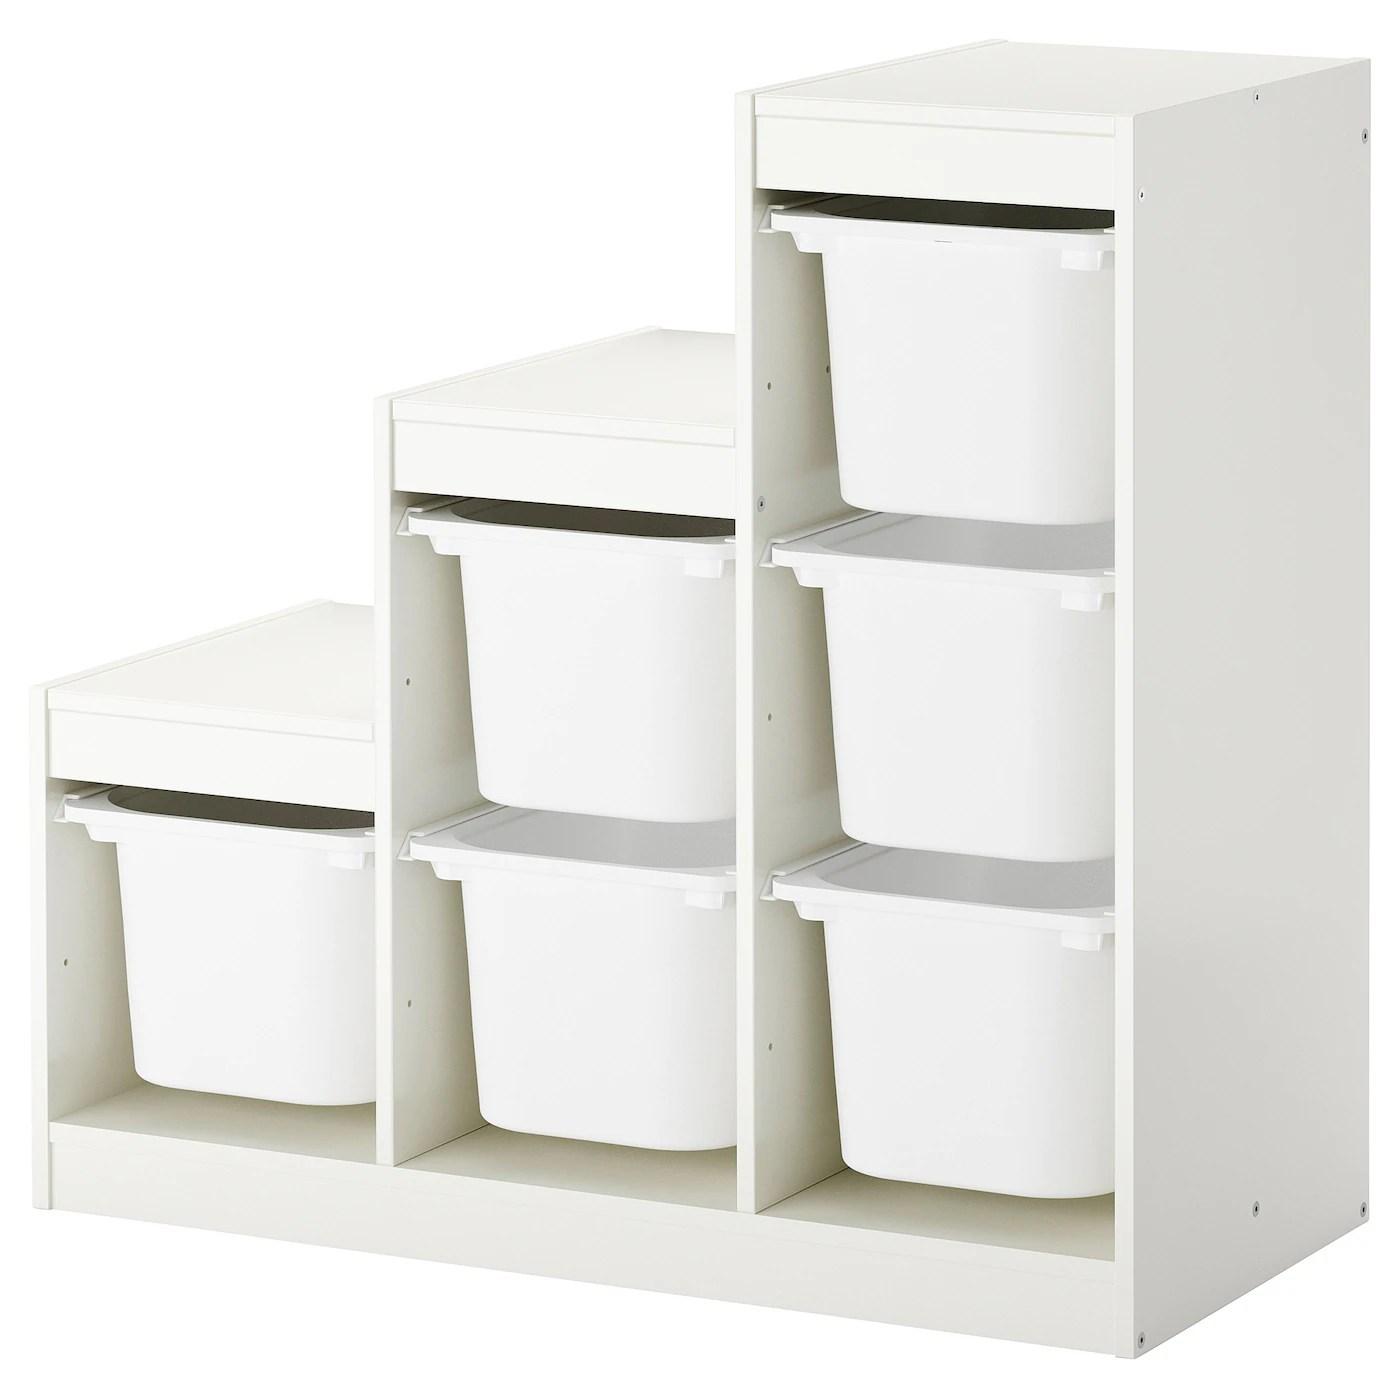 Meuble Rangement Ikea Trofast Under Stairs Storage Ideas